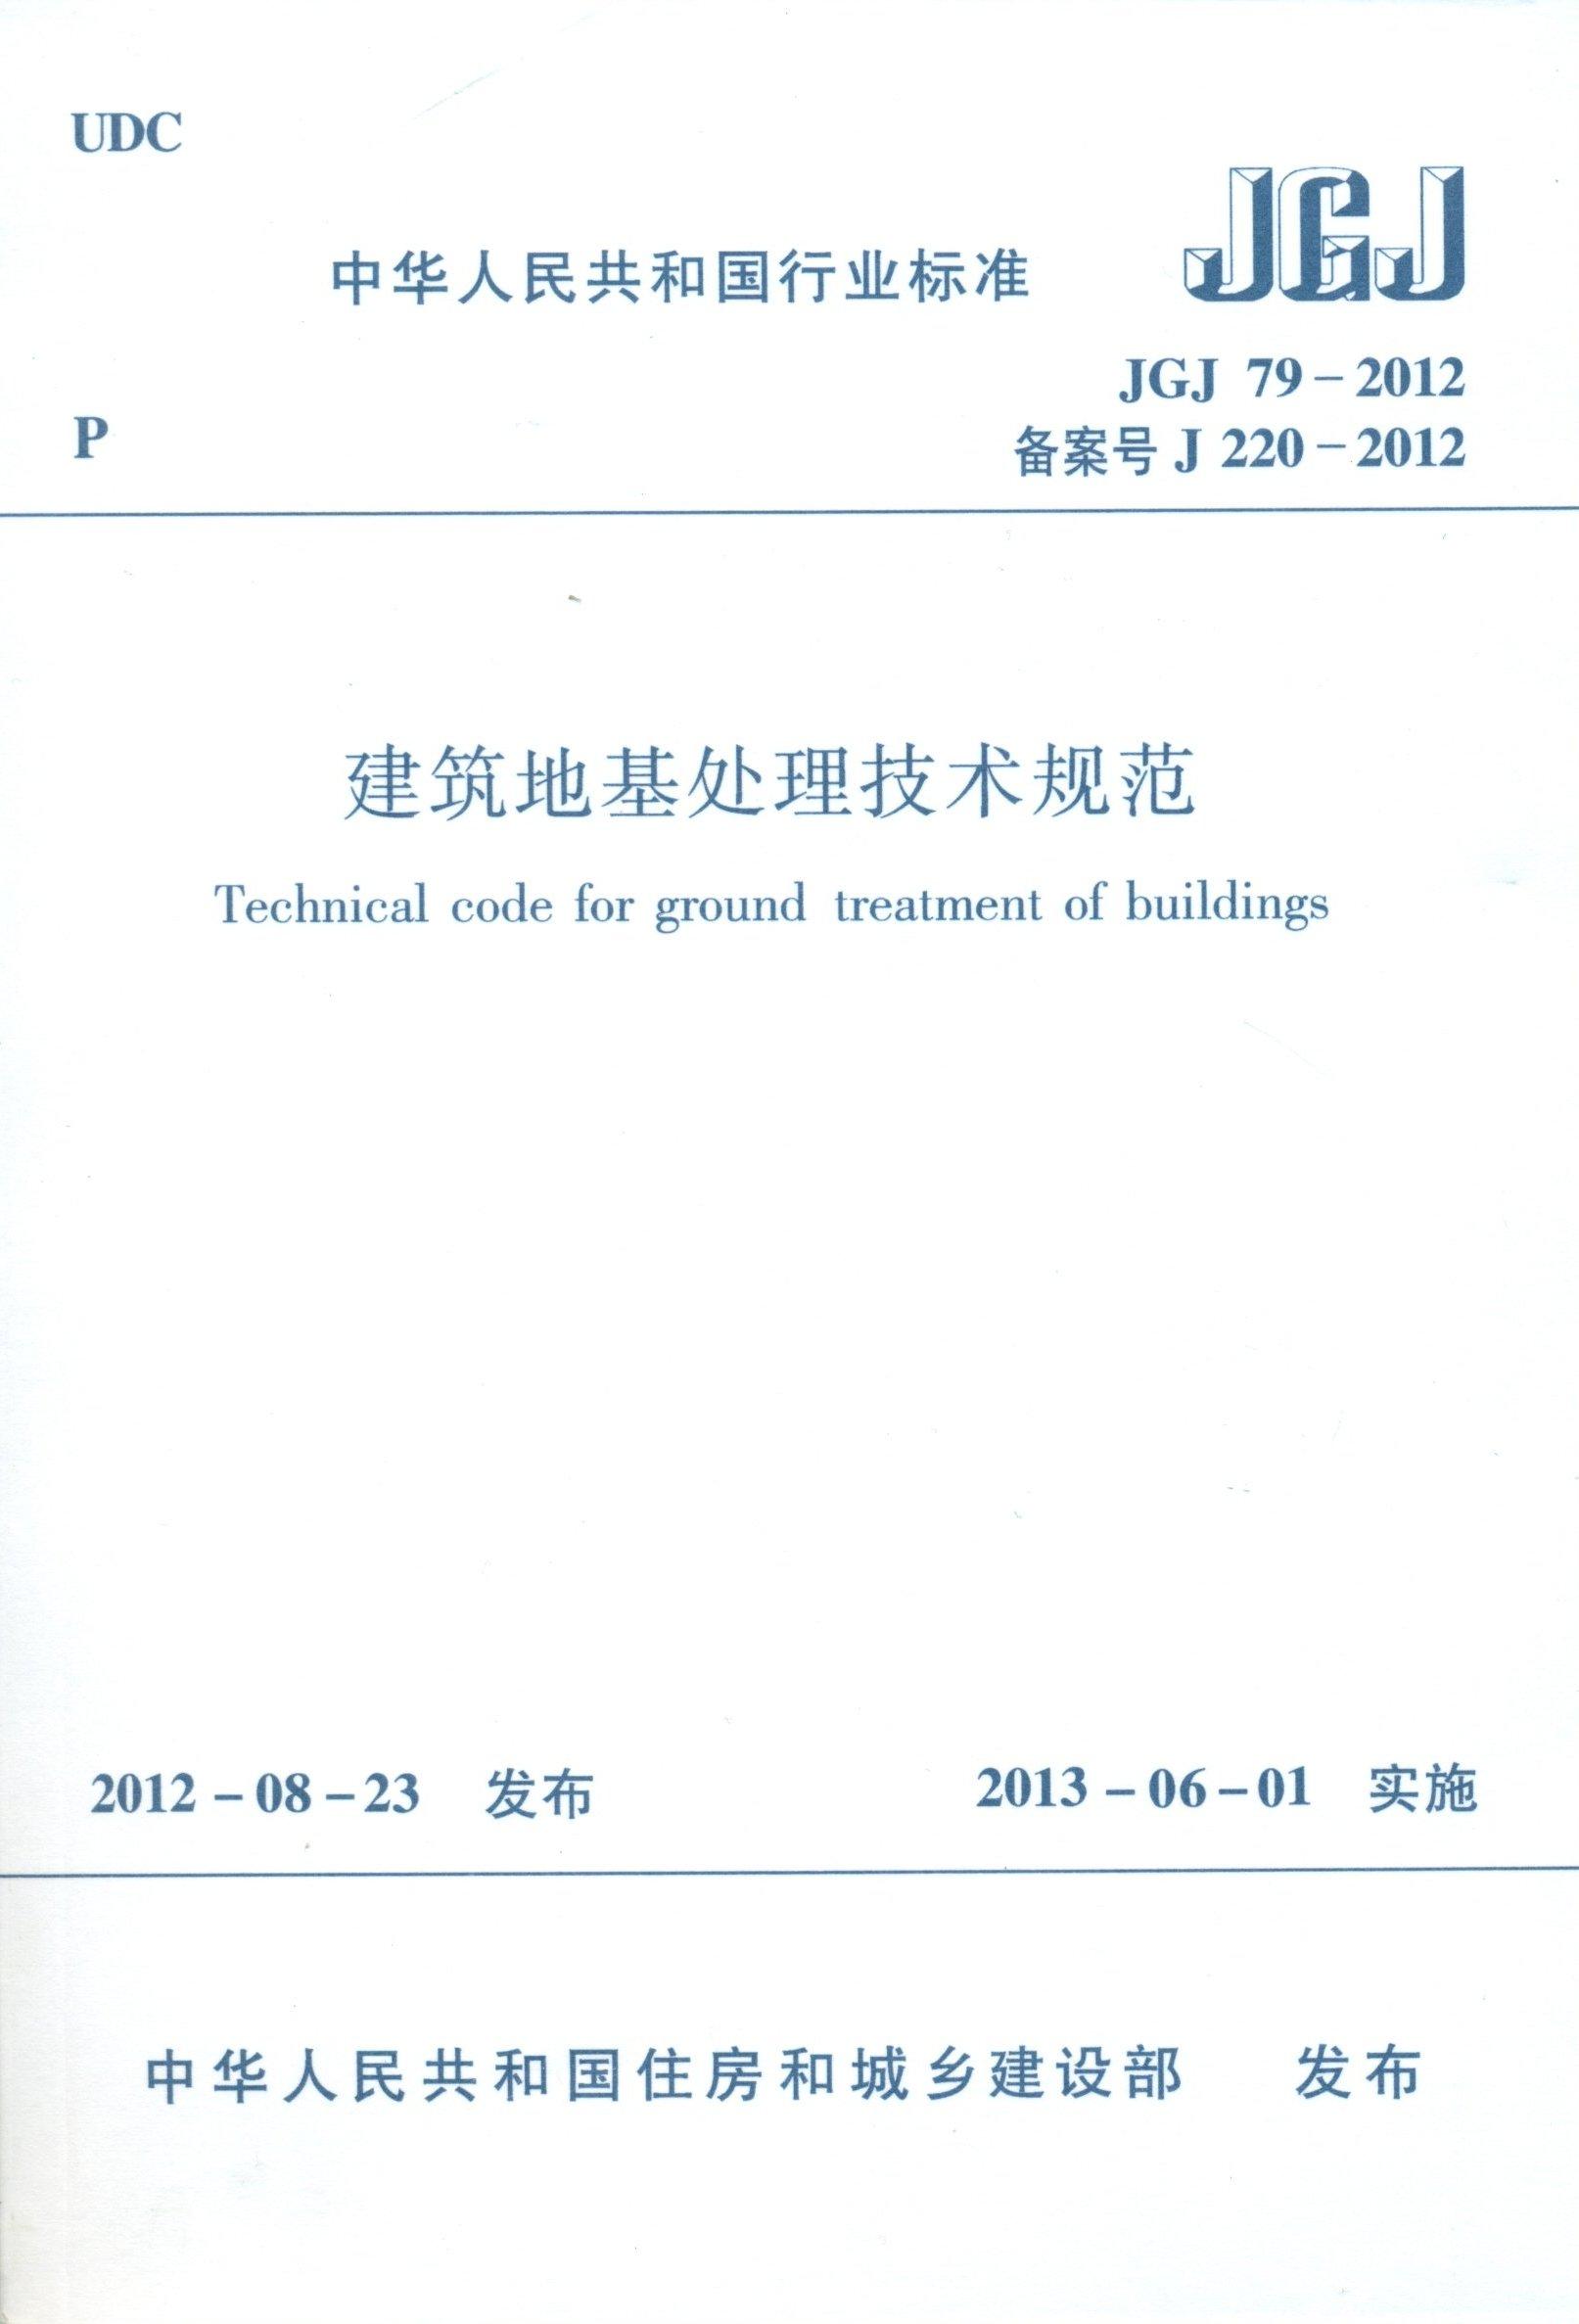 1建筑地基處理技術規范.jpg